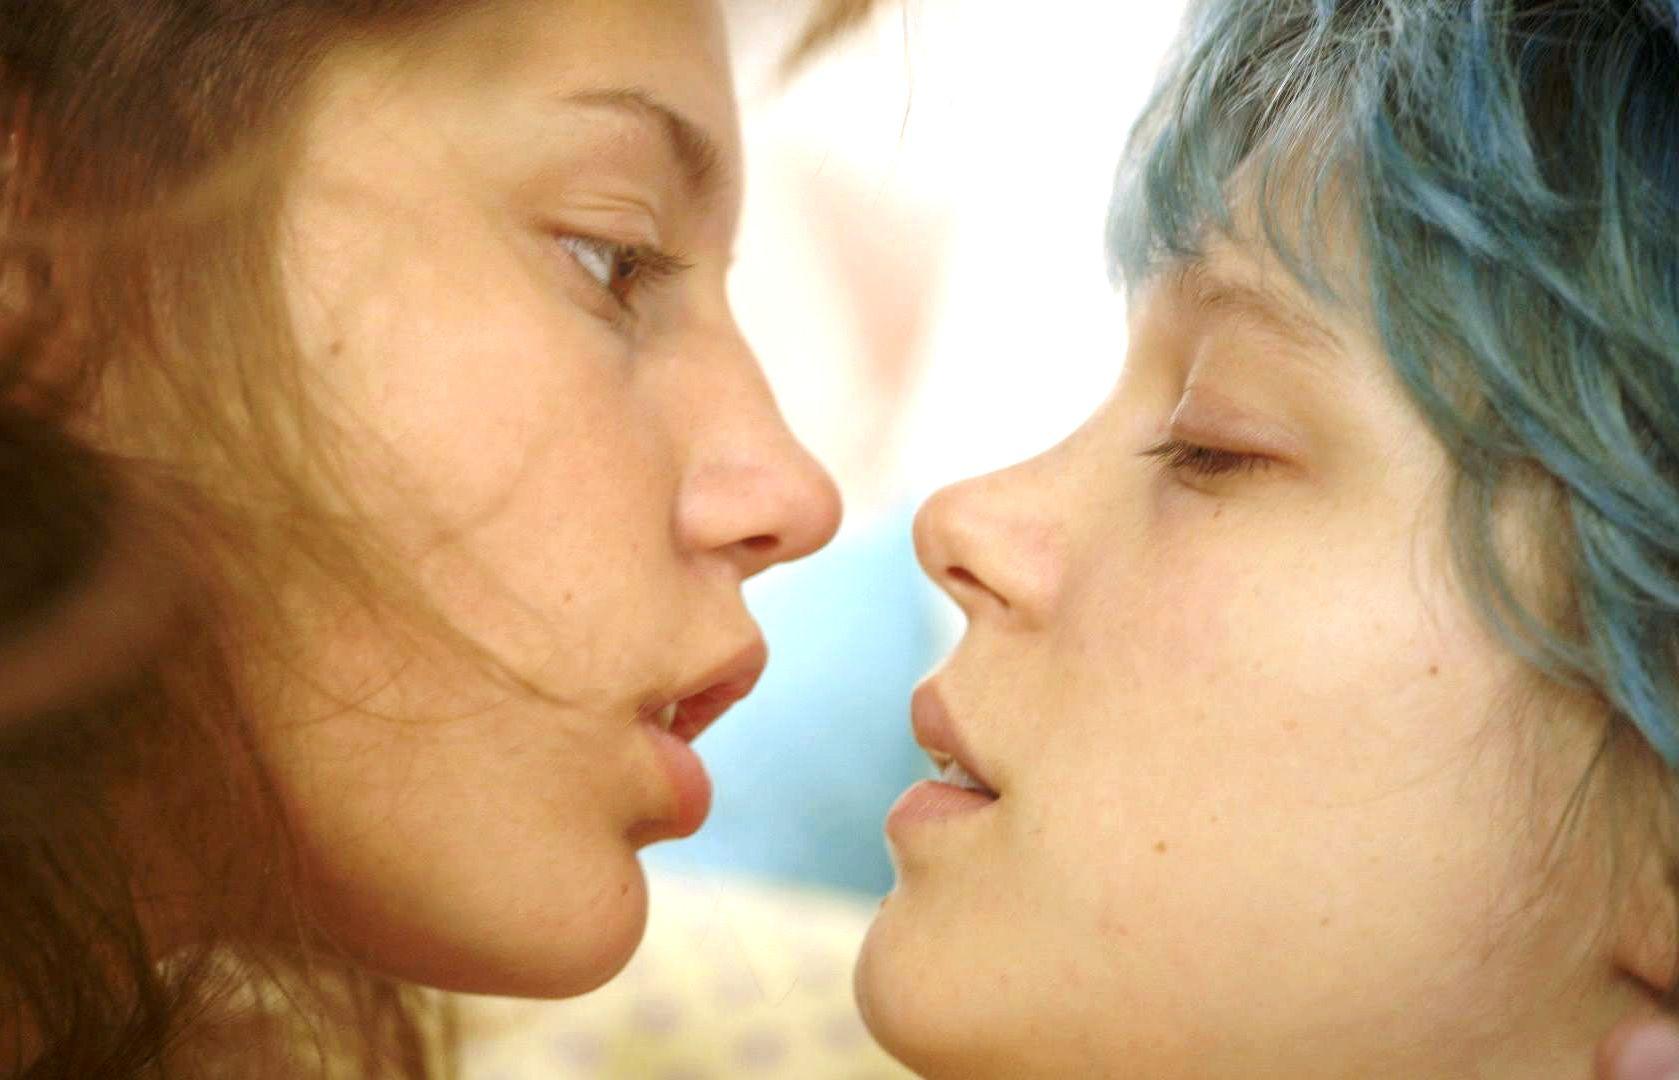 geile non naakte lesbische meiden